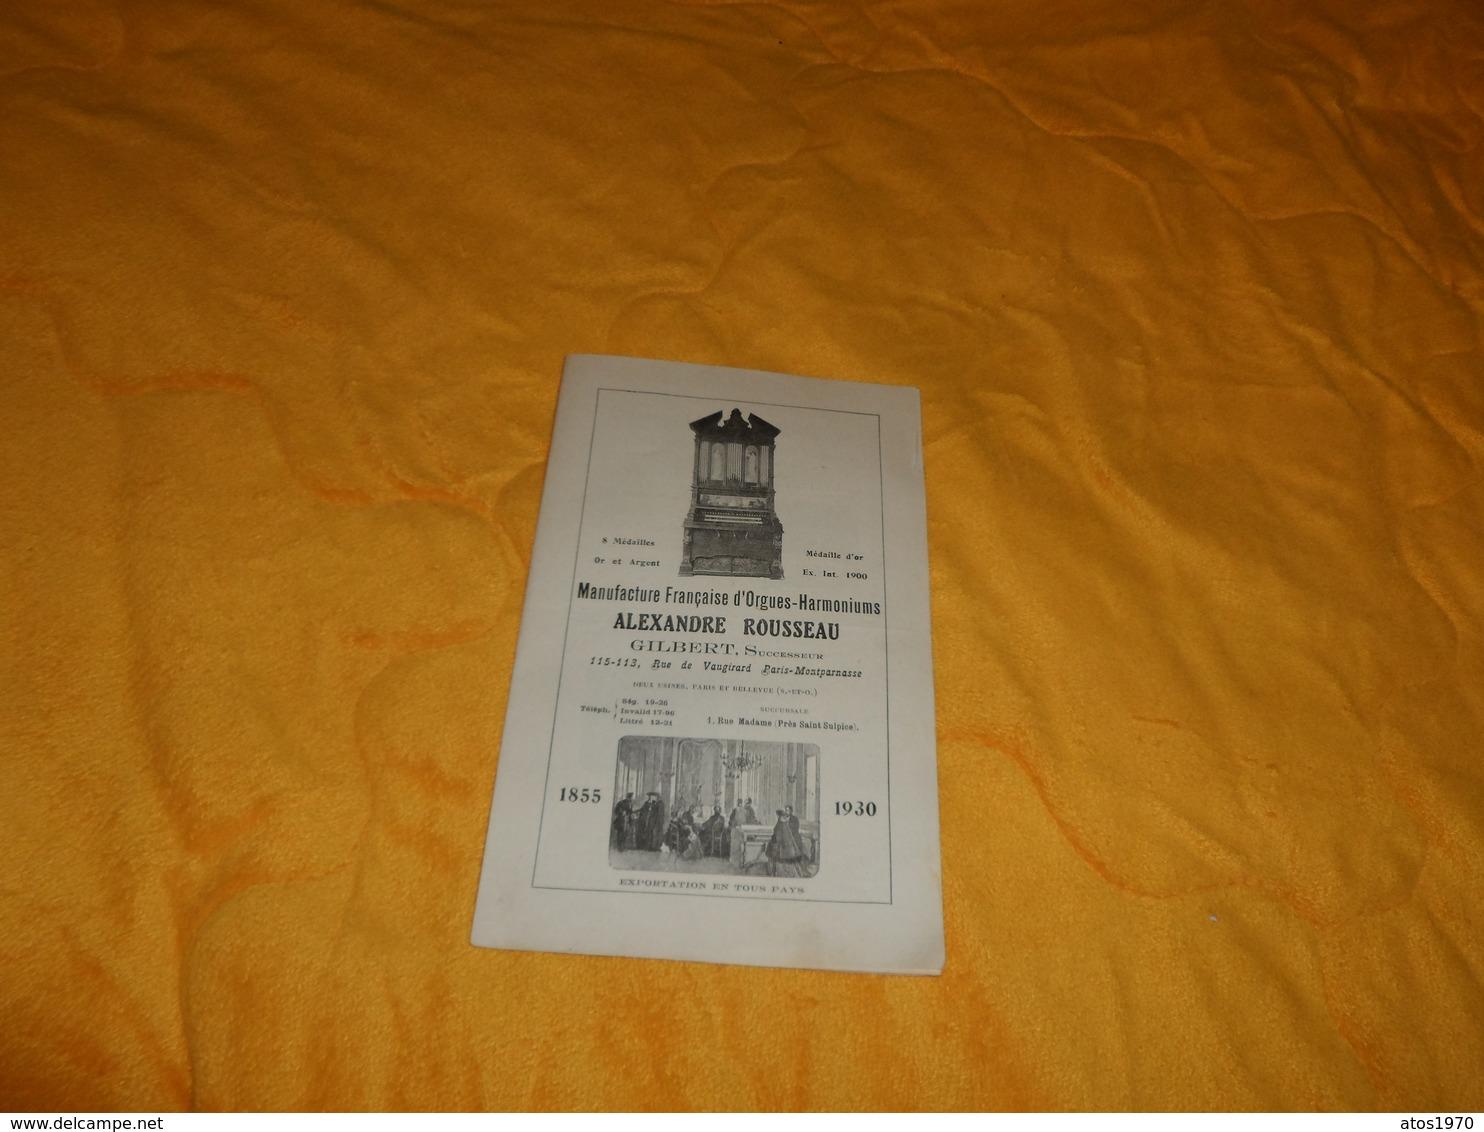 DEPLIANT ANCIEN PUBLICITE MANUFACTURE FRANCAISE D'ORGUES HARMONIUMS ALEXANDRE ROUSSEAU. GILBERT ¨PARIS MONTPARNASSE 1930 - Publicités